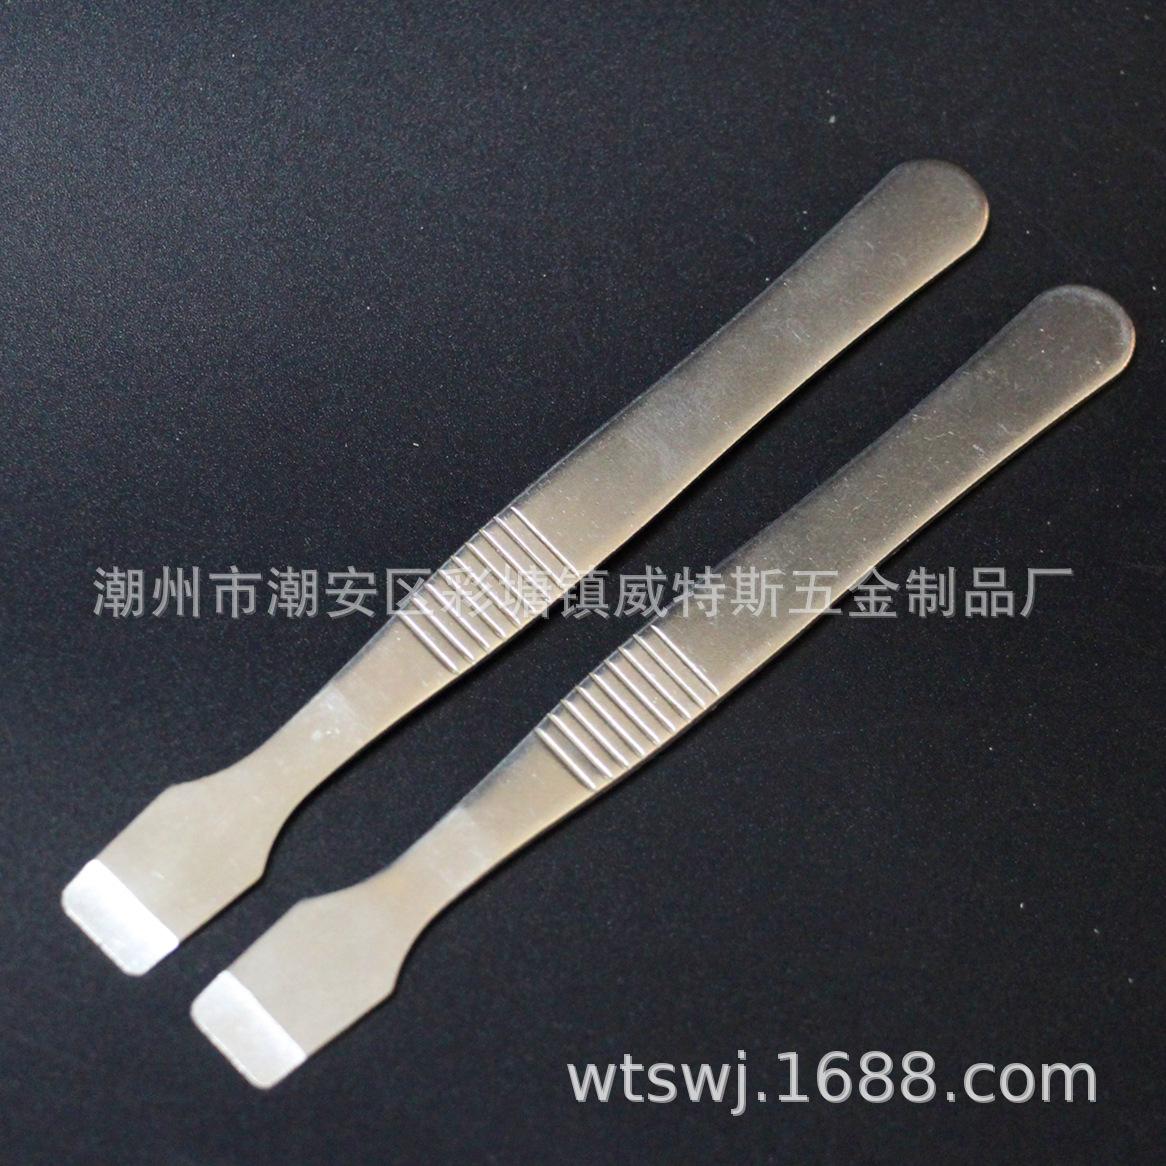 手机维修工具 手机撬棒拆机工具 不锈钢刮刀 刮锡刀小铁铲 植锡刀